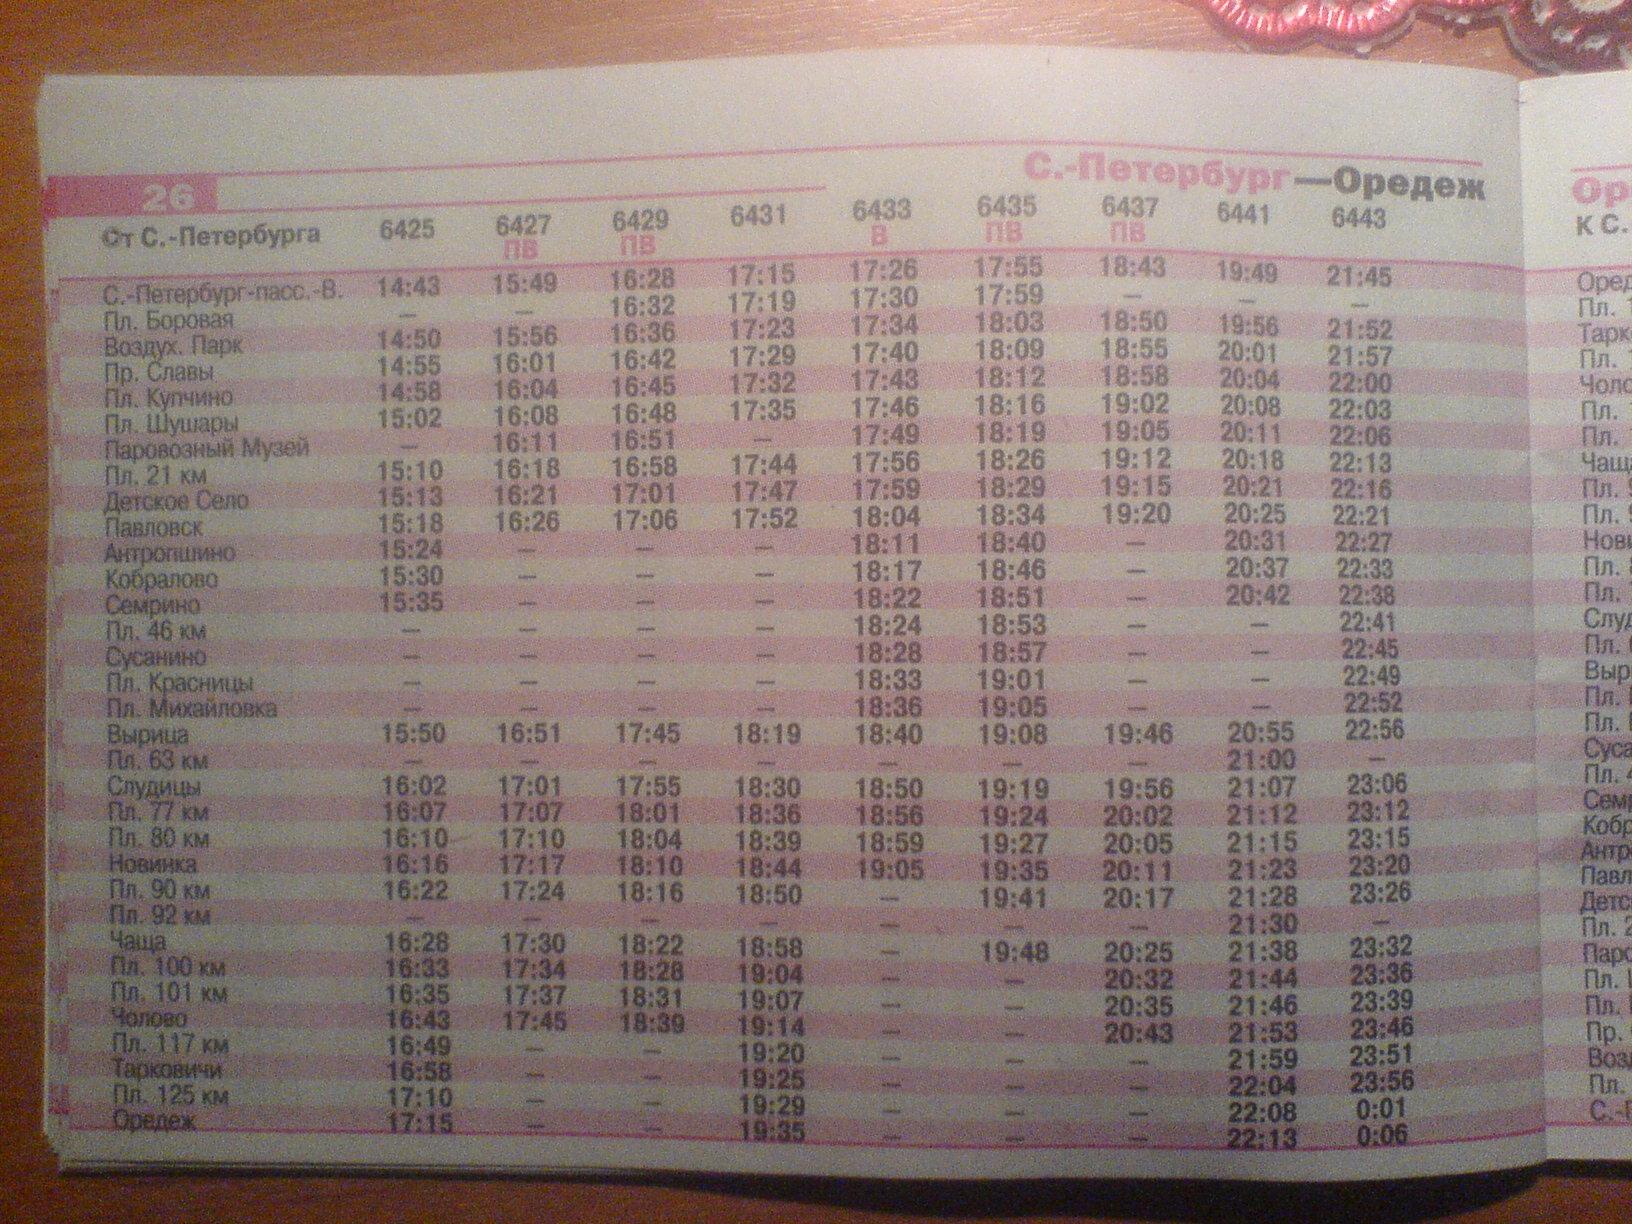 Чего стоит самое точное расписание электричек с 2003 года - 1